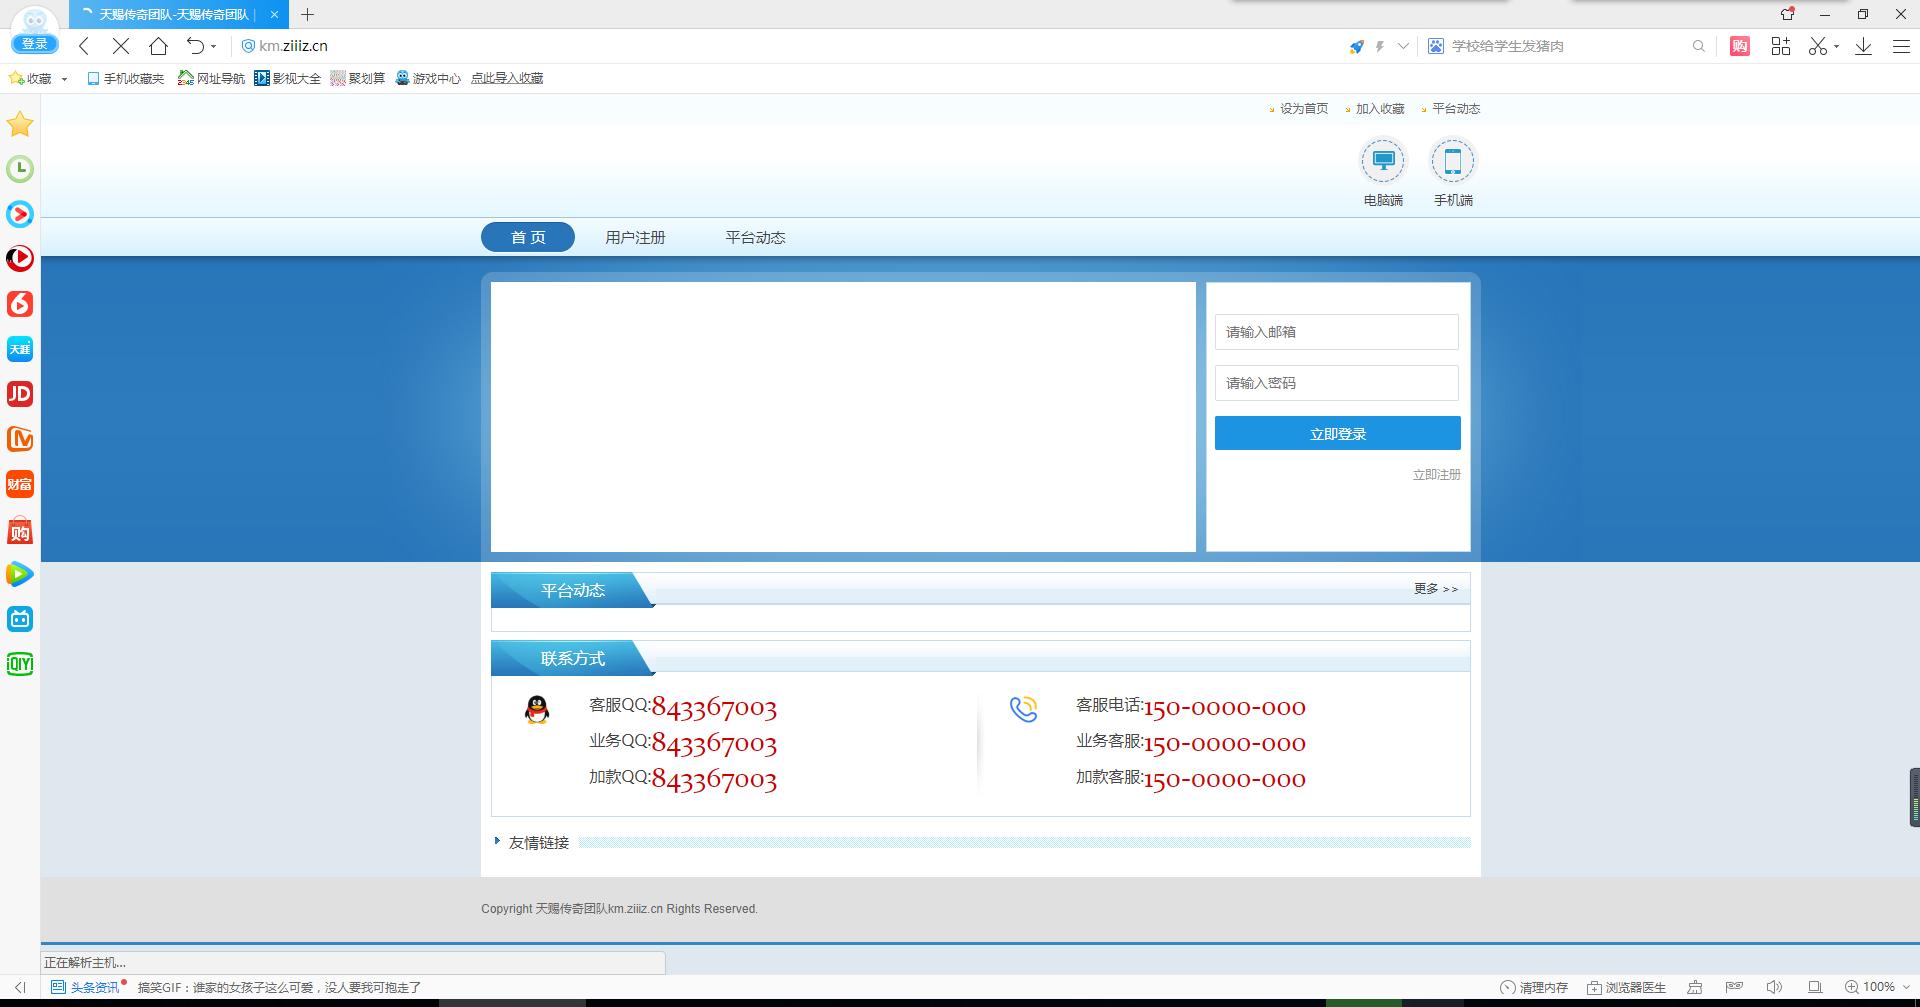 2020卡盟源码卡盟响应式的开源蓝色模版